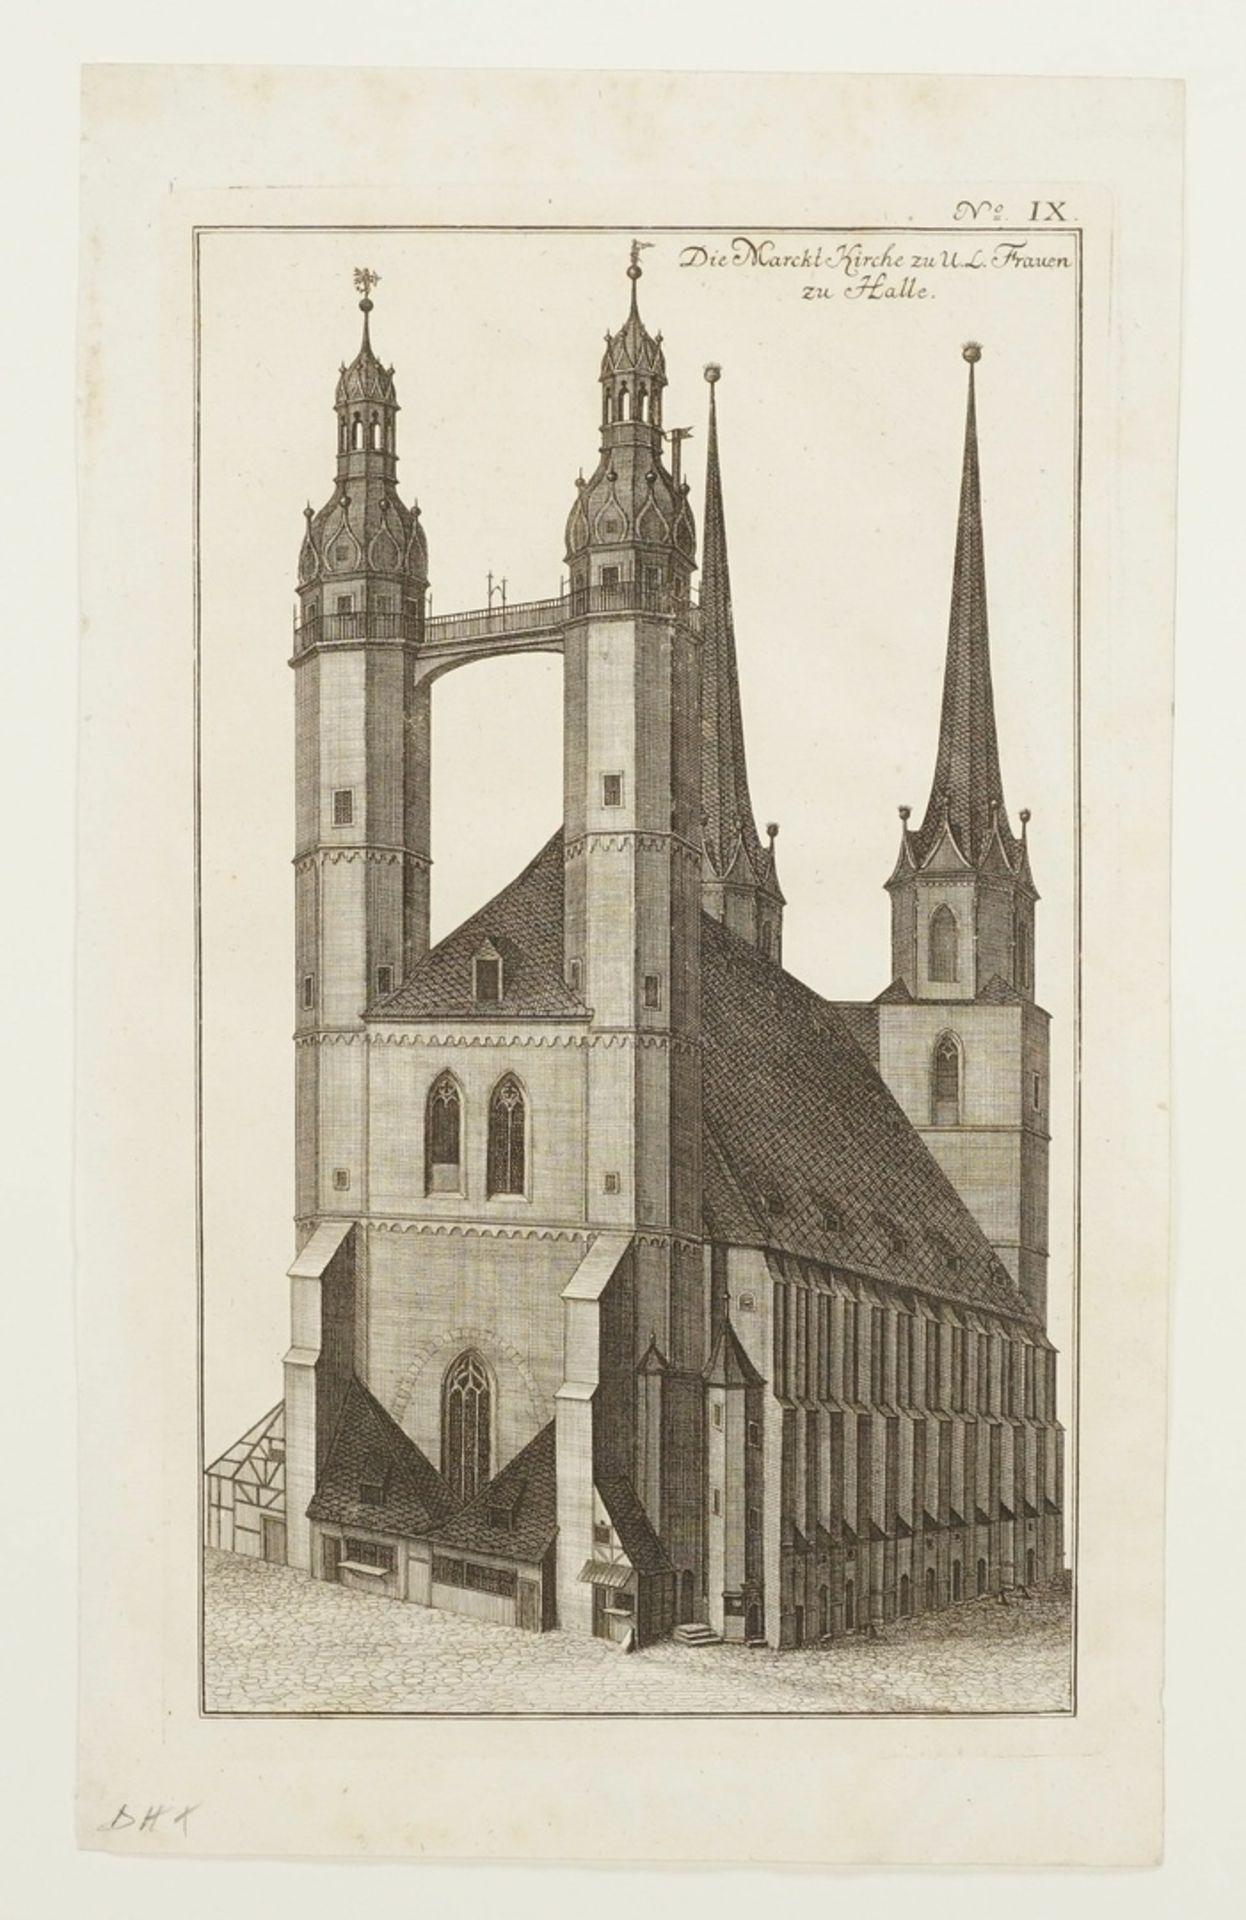 Johann Gottfried Krügner der Jüngere, Drei herausragende Bauwerke der Stadt Halle/Saale - Bild 4 aus 4